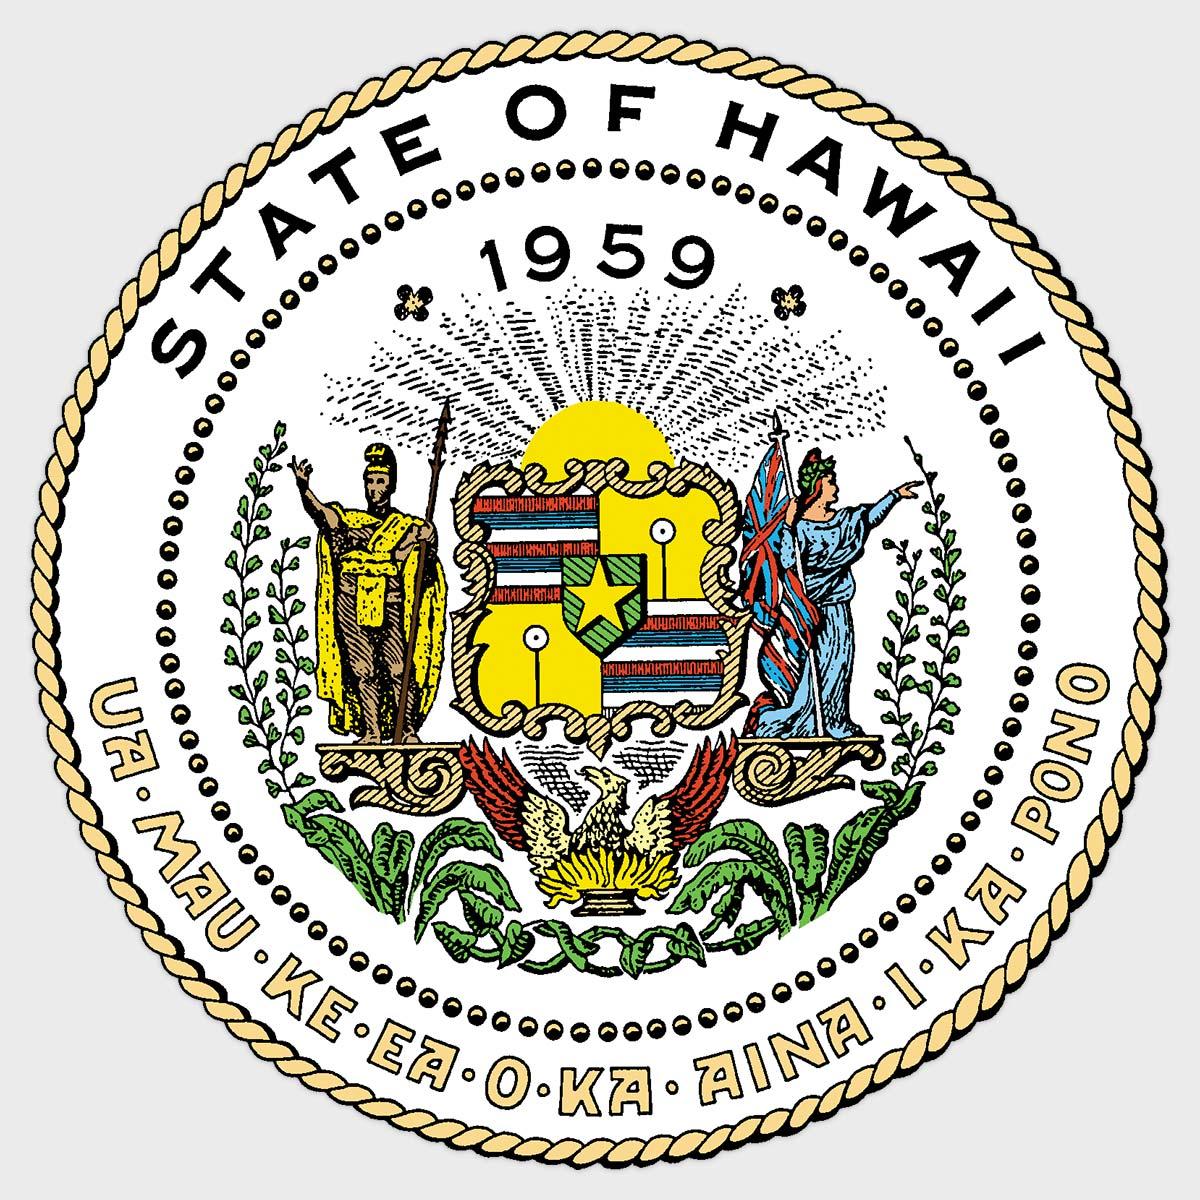 ltgov.hawaii.gov